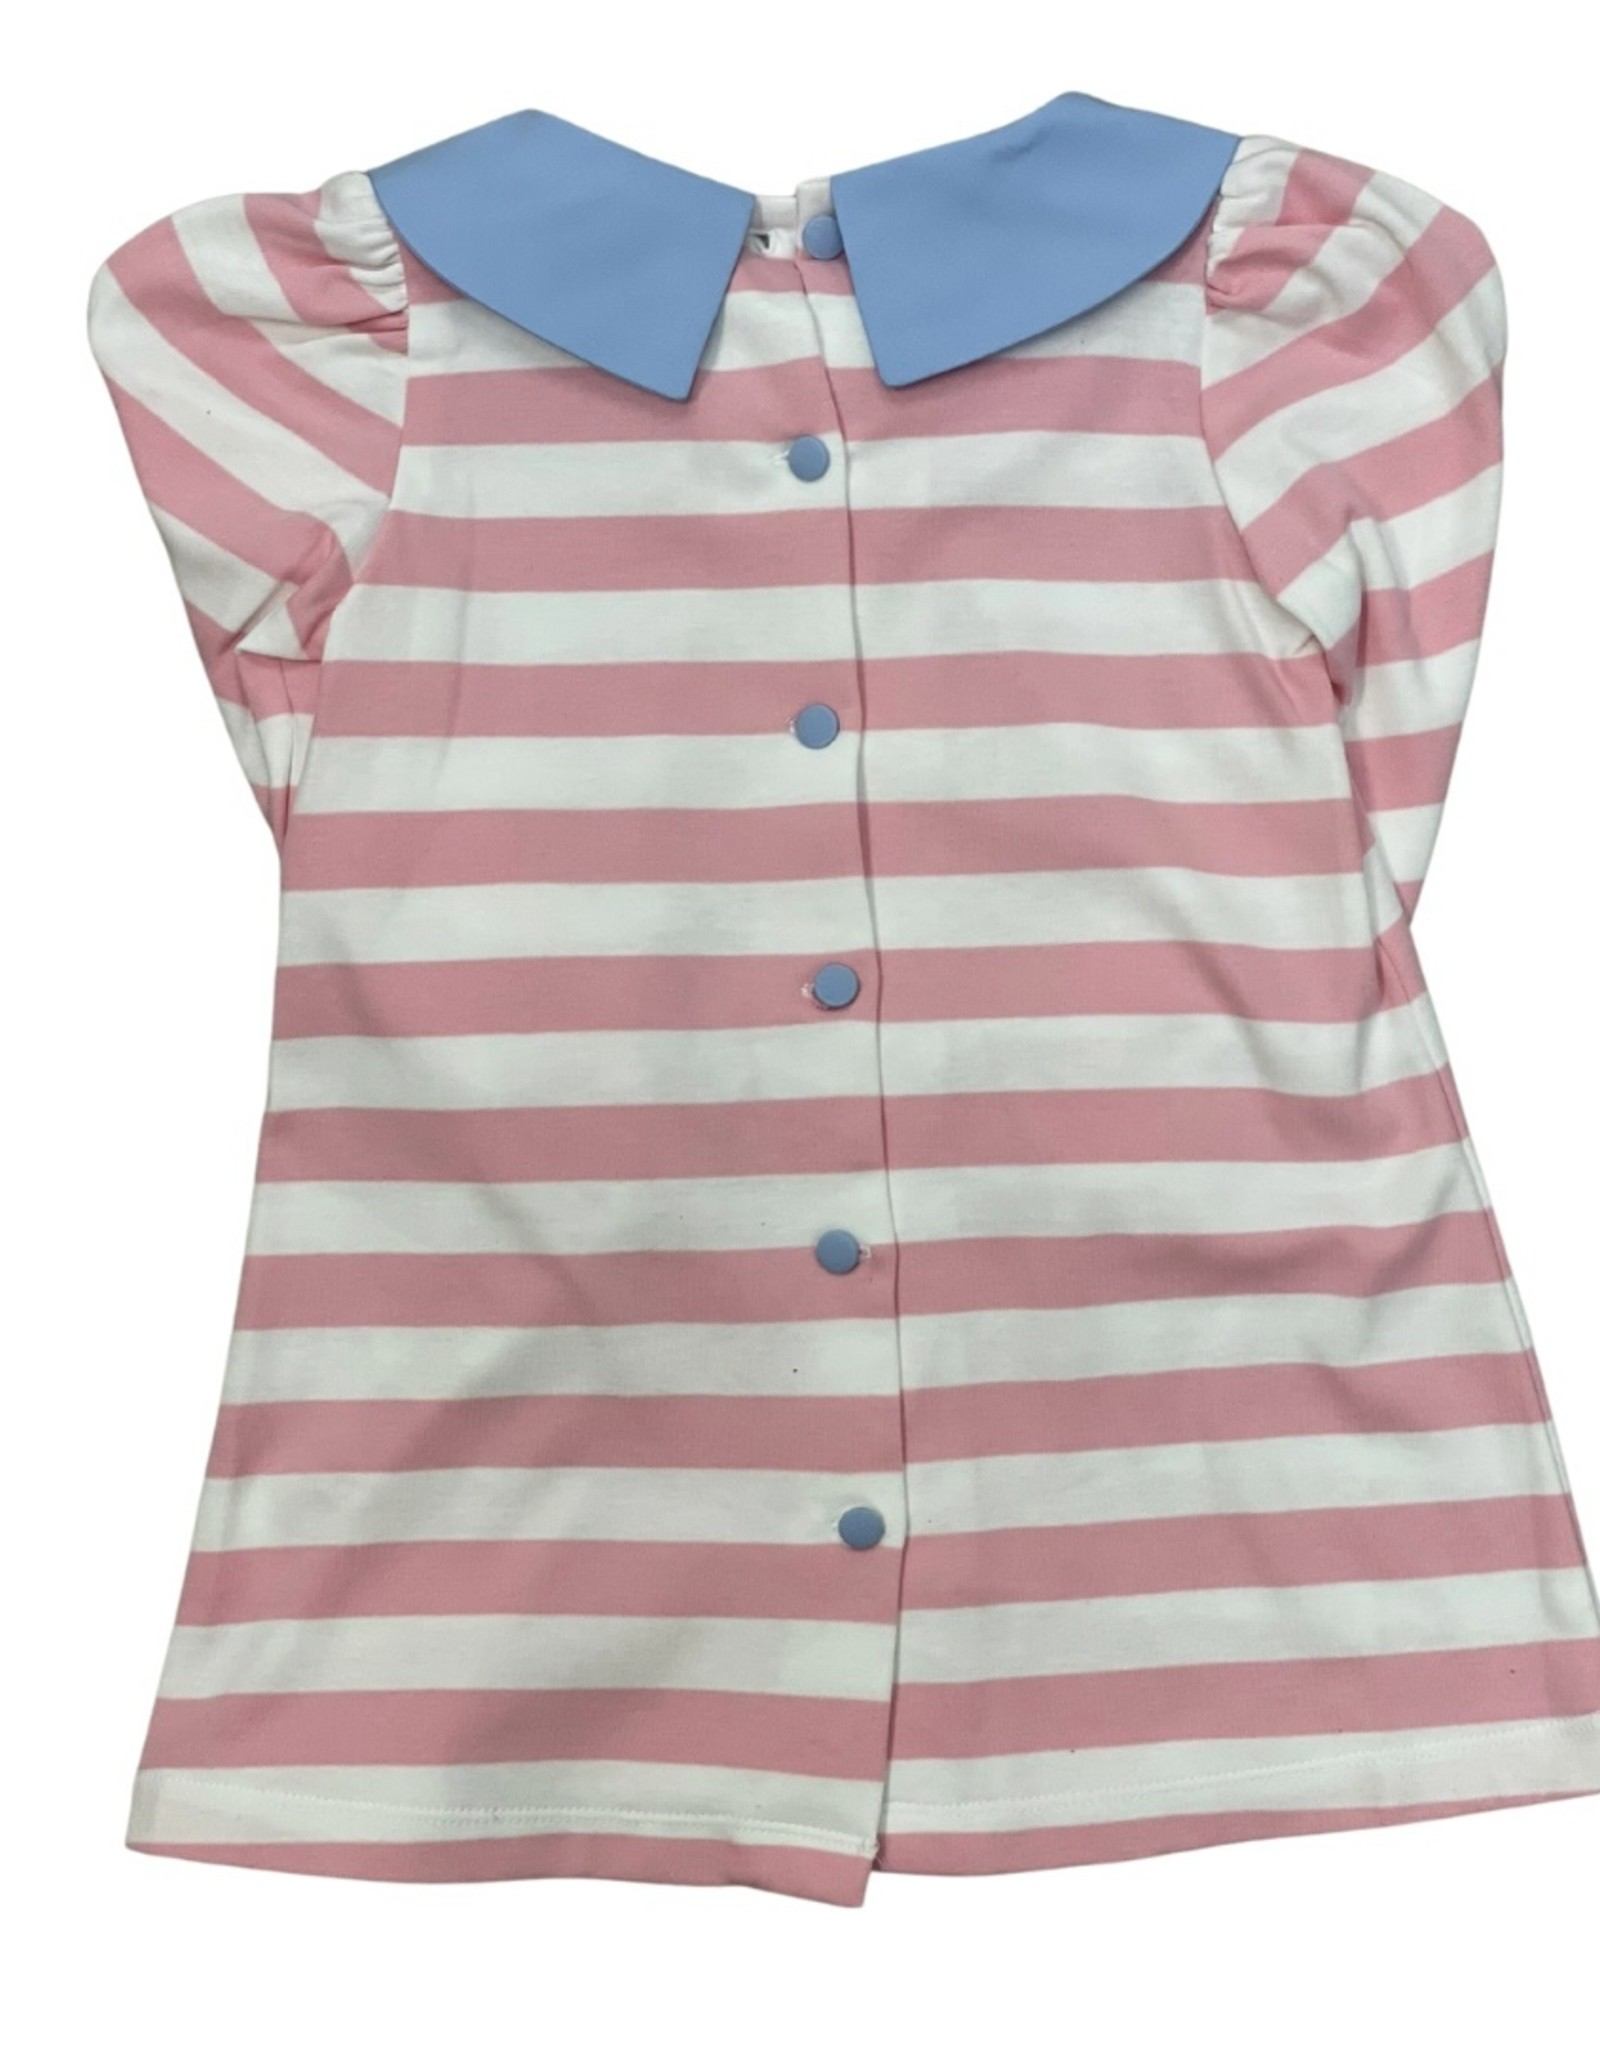 Zuccini Ava Dress Knit Pink